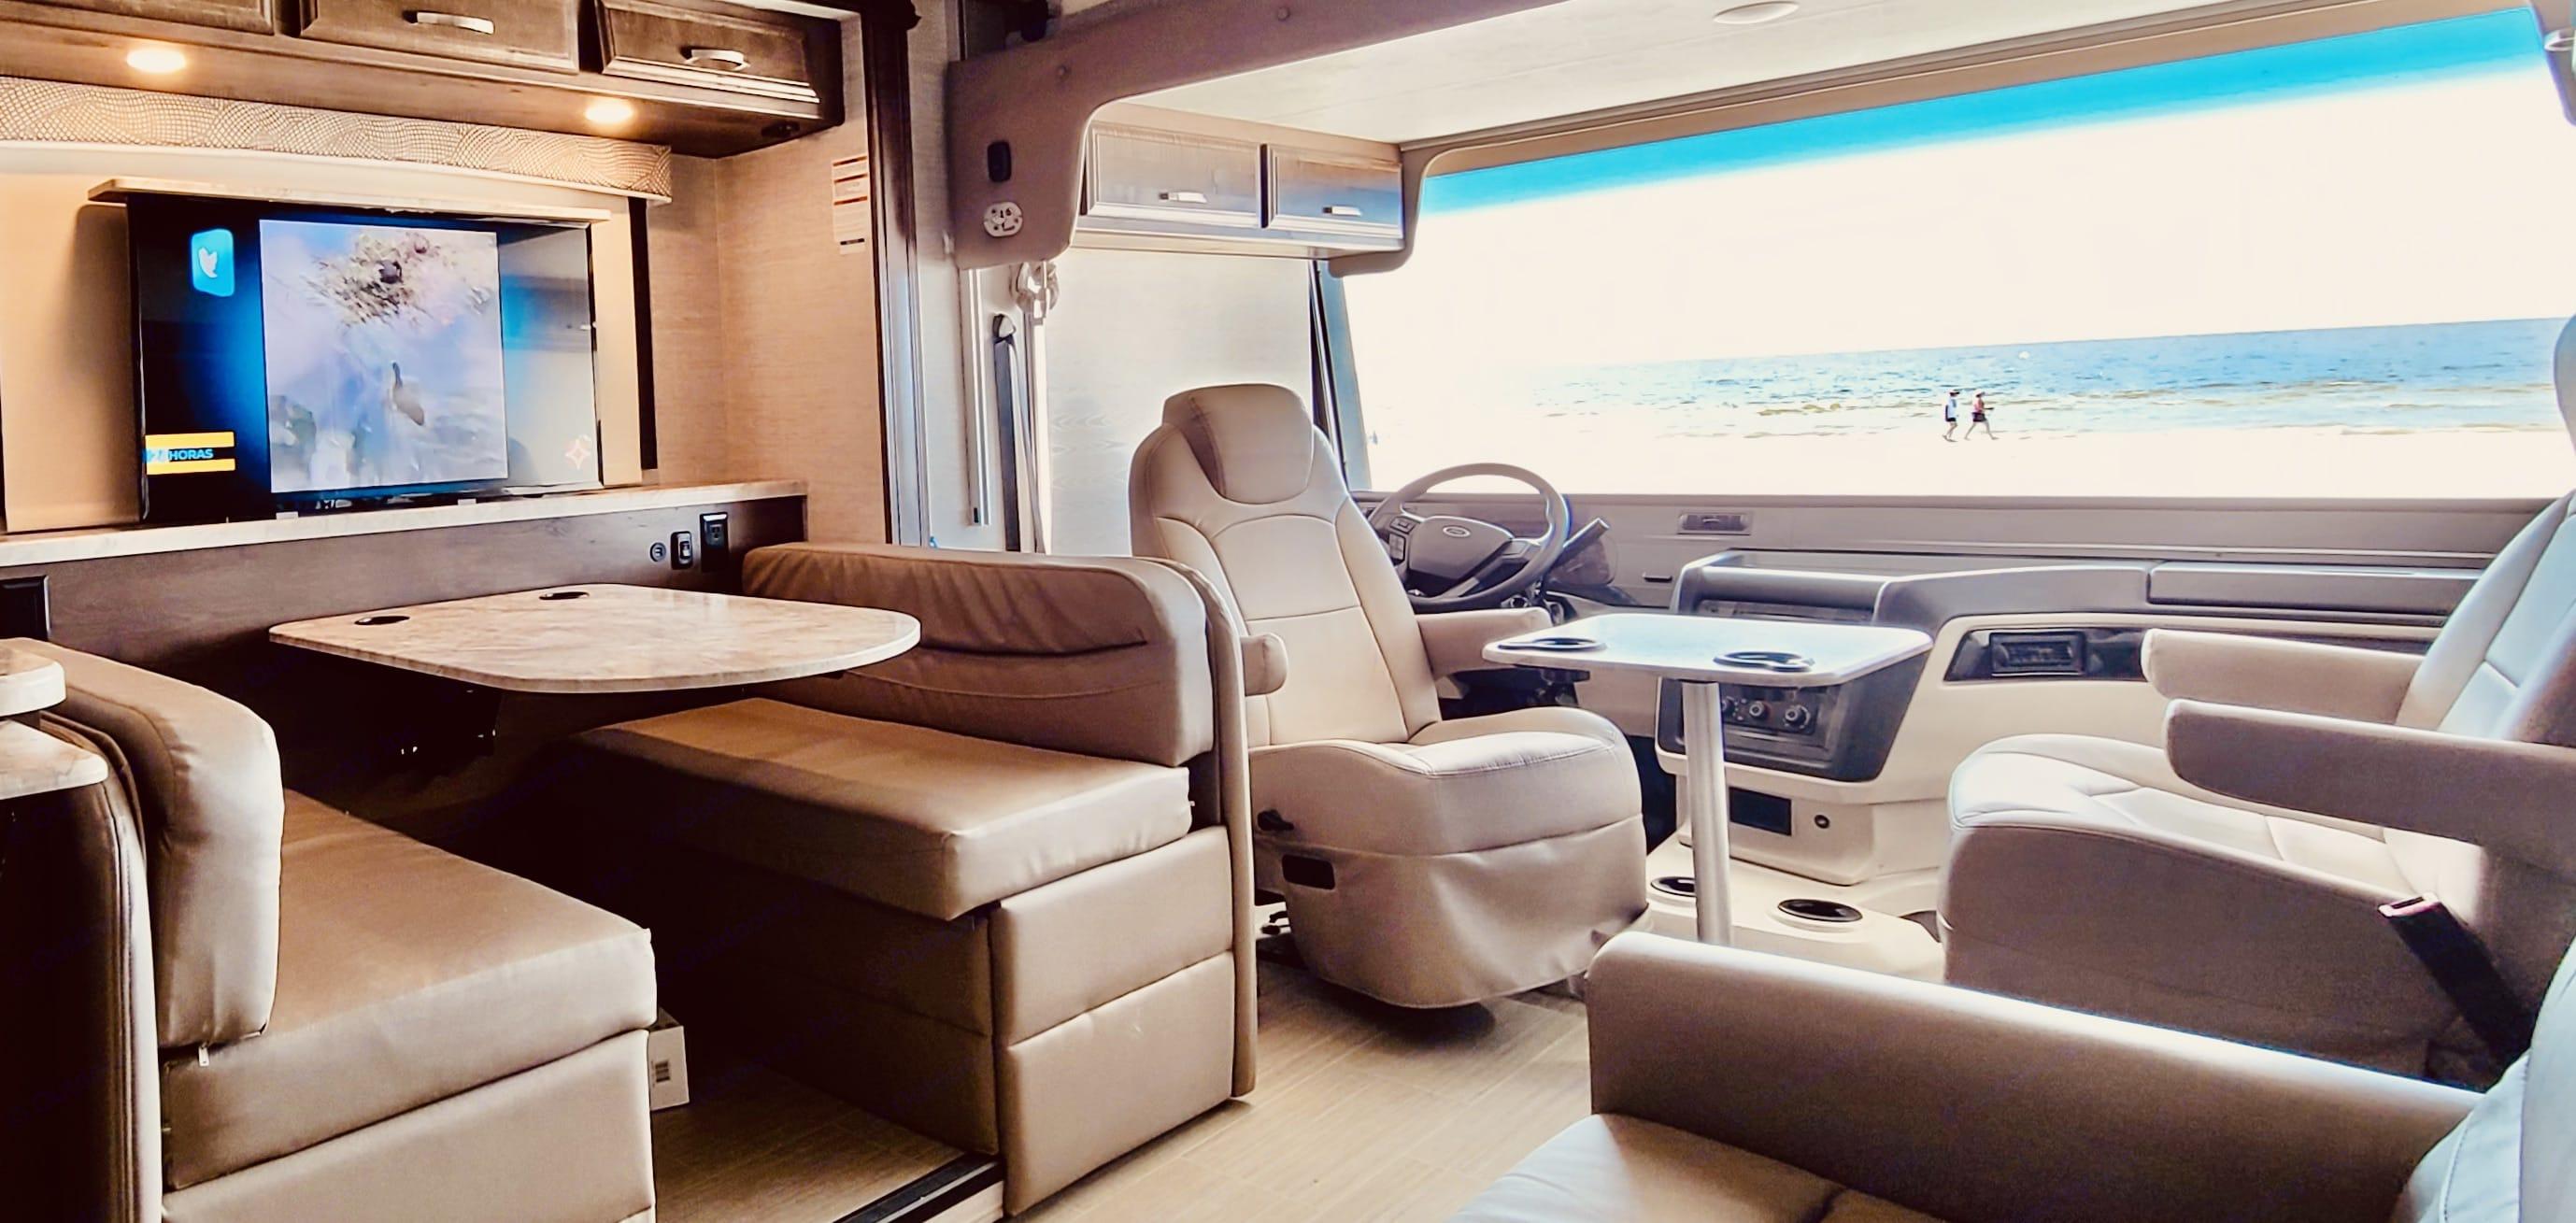 Cockpit view. Entegra Coach Vison 32 Series 29F 2021